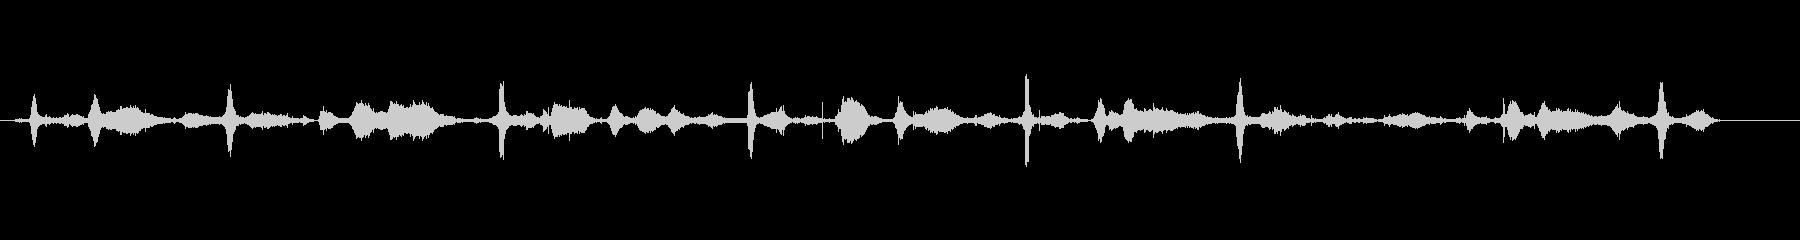 ヘイメイキング-手作業-Finge...の未再生の波形